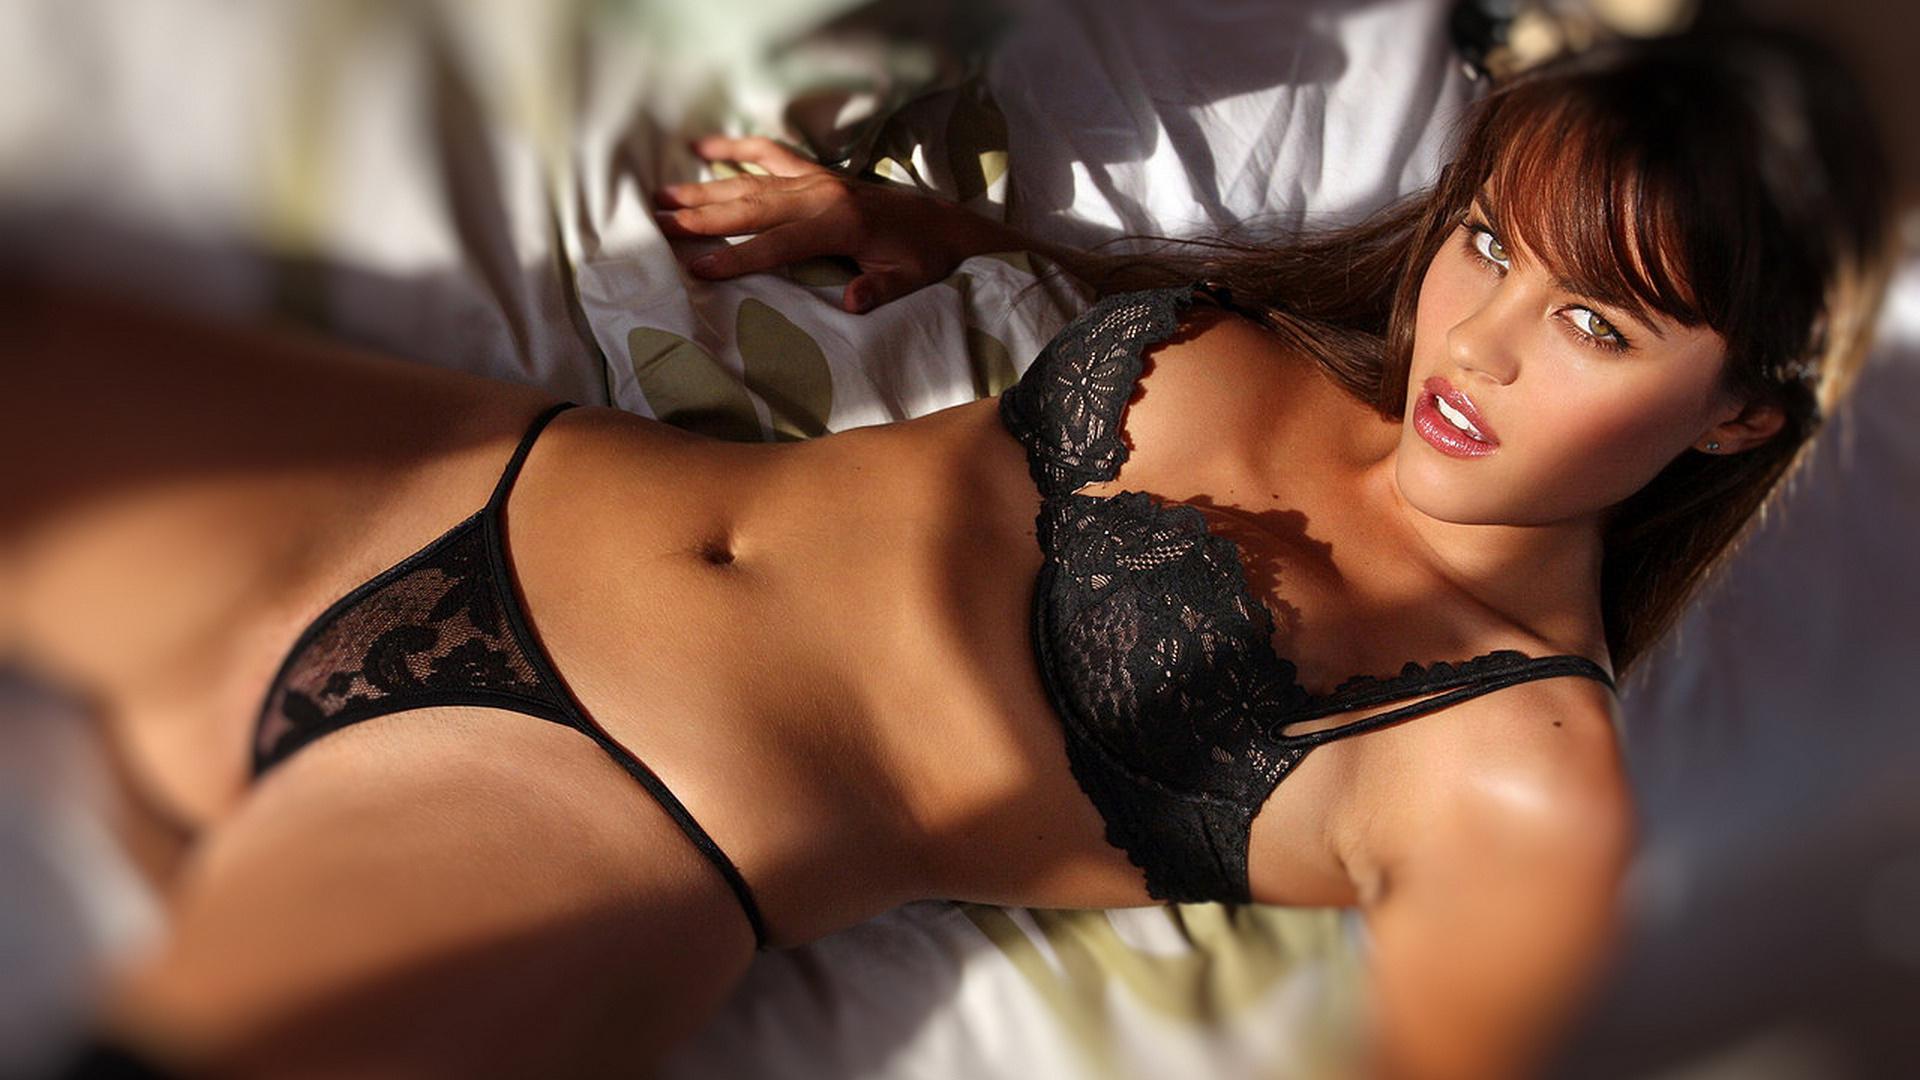 Самую красивую трахнул, Красивый секс. Видео ну очень красивого секса! 23 фотография